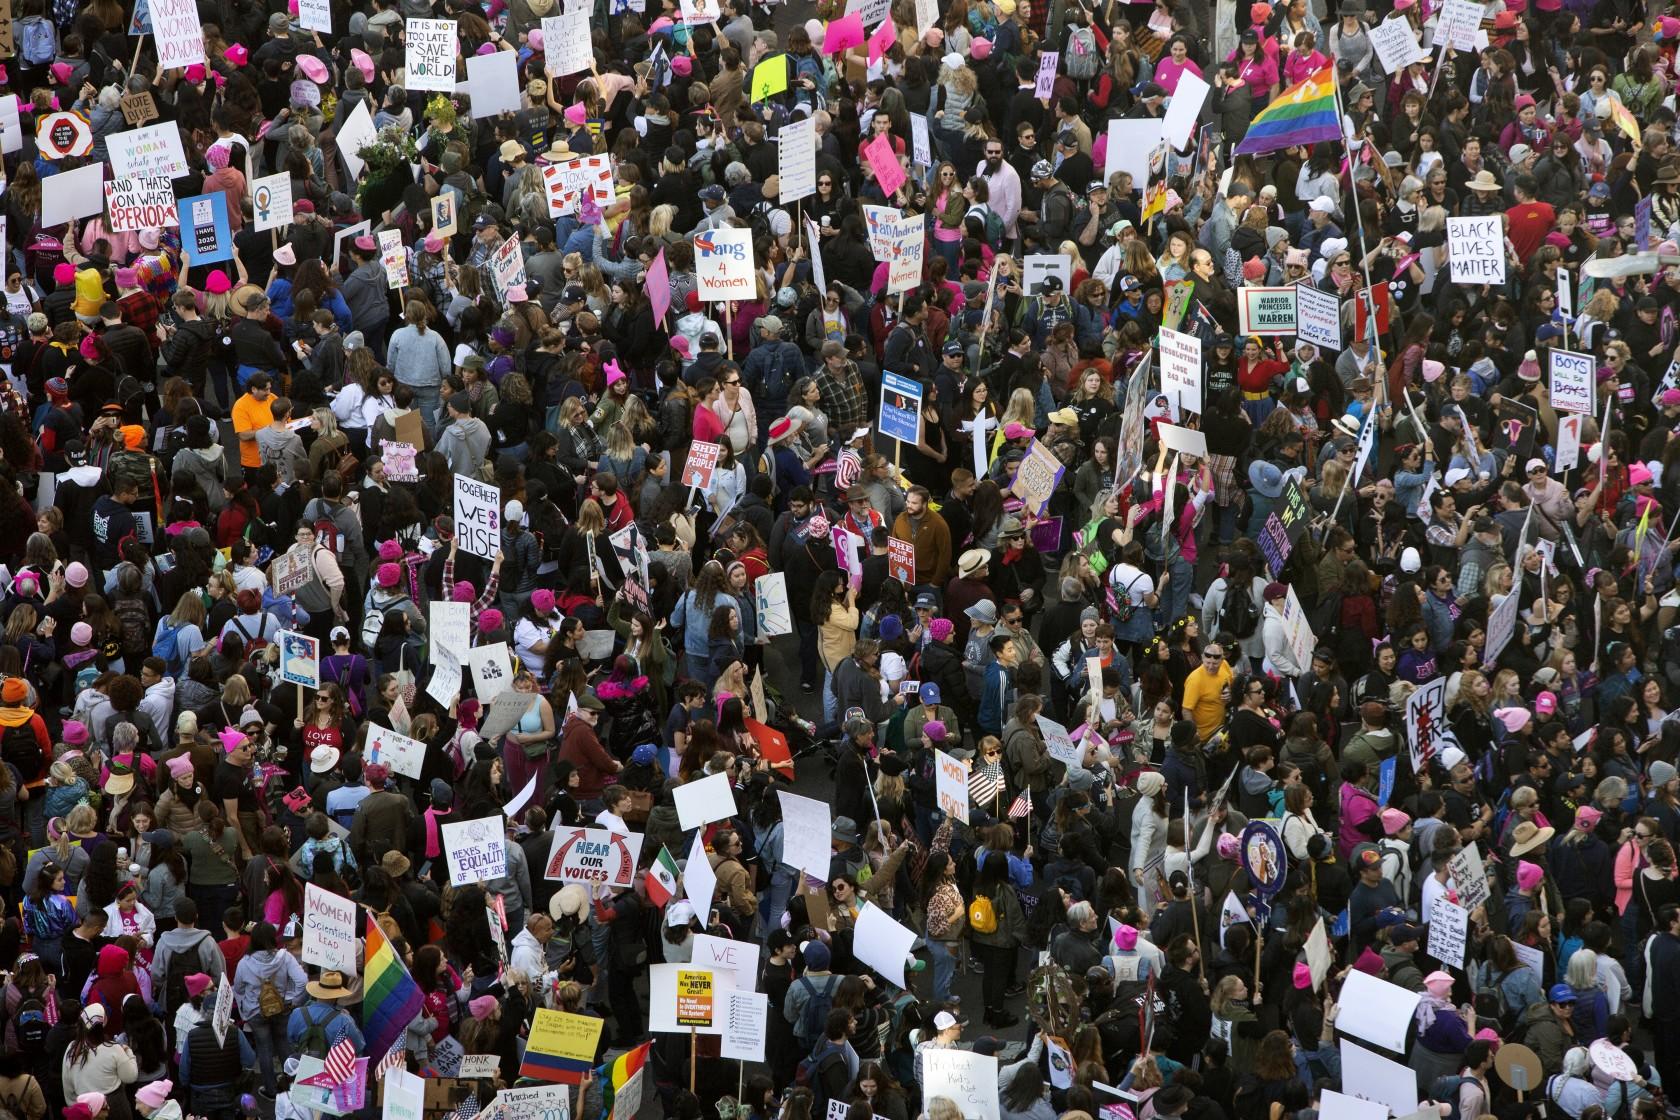 راهپیمایی حقوق زنان در واشنگتن به تظاهرات ضد ترامپ تبدیل شد